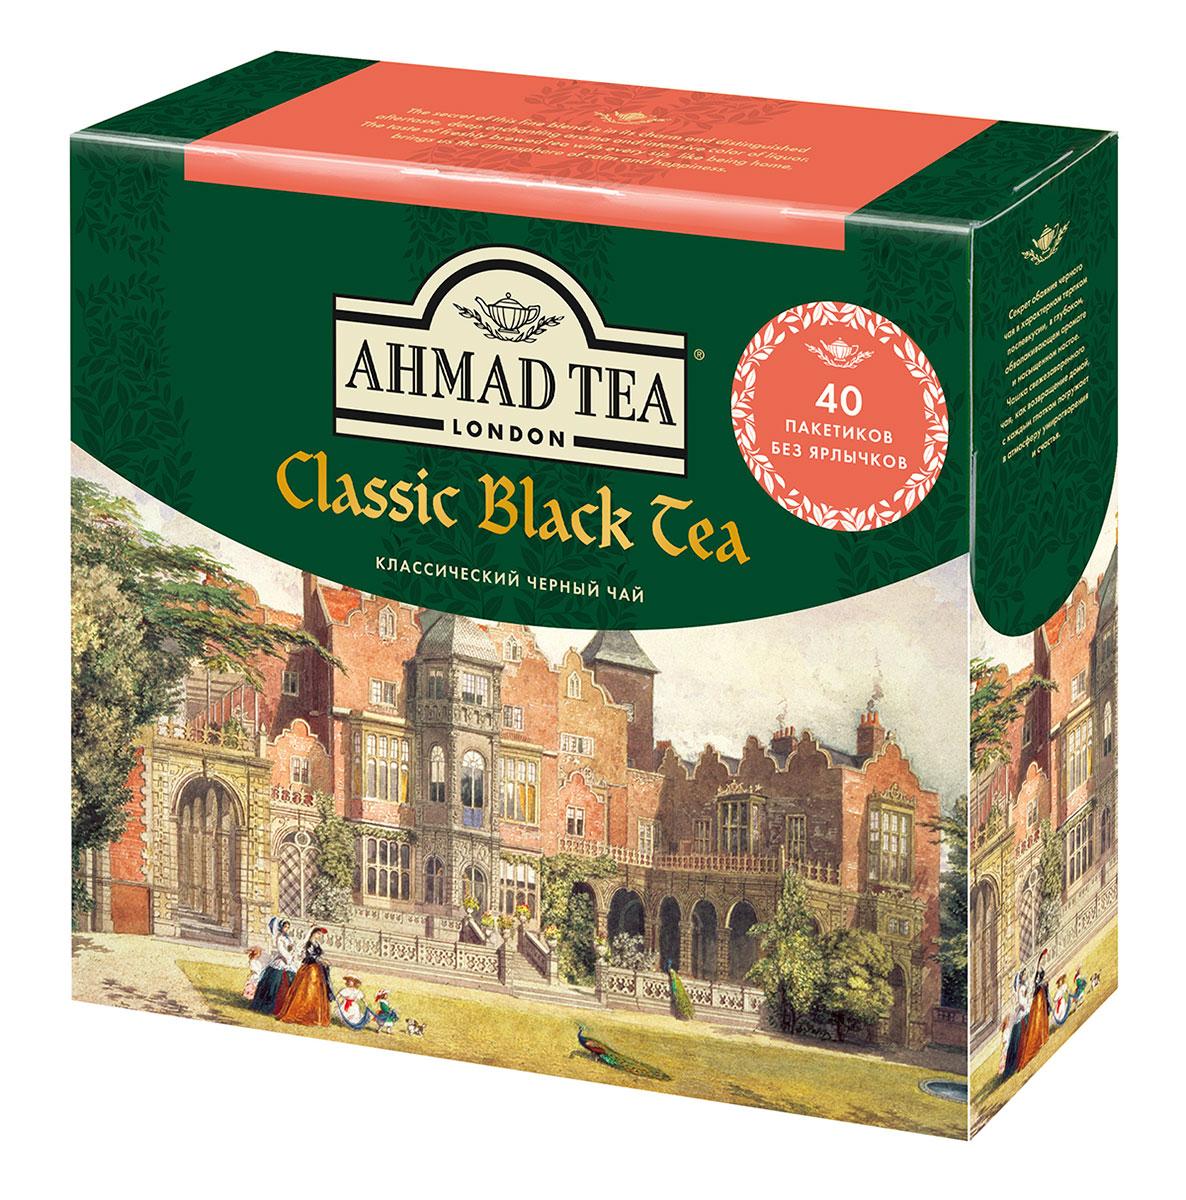 Ahmad Tea Классический черный чай в пакетиках, 40 шт